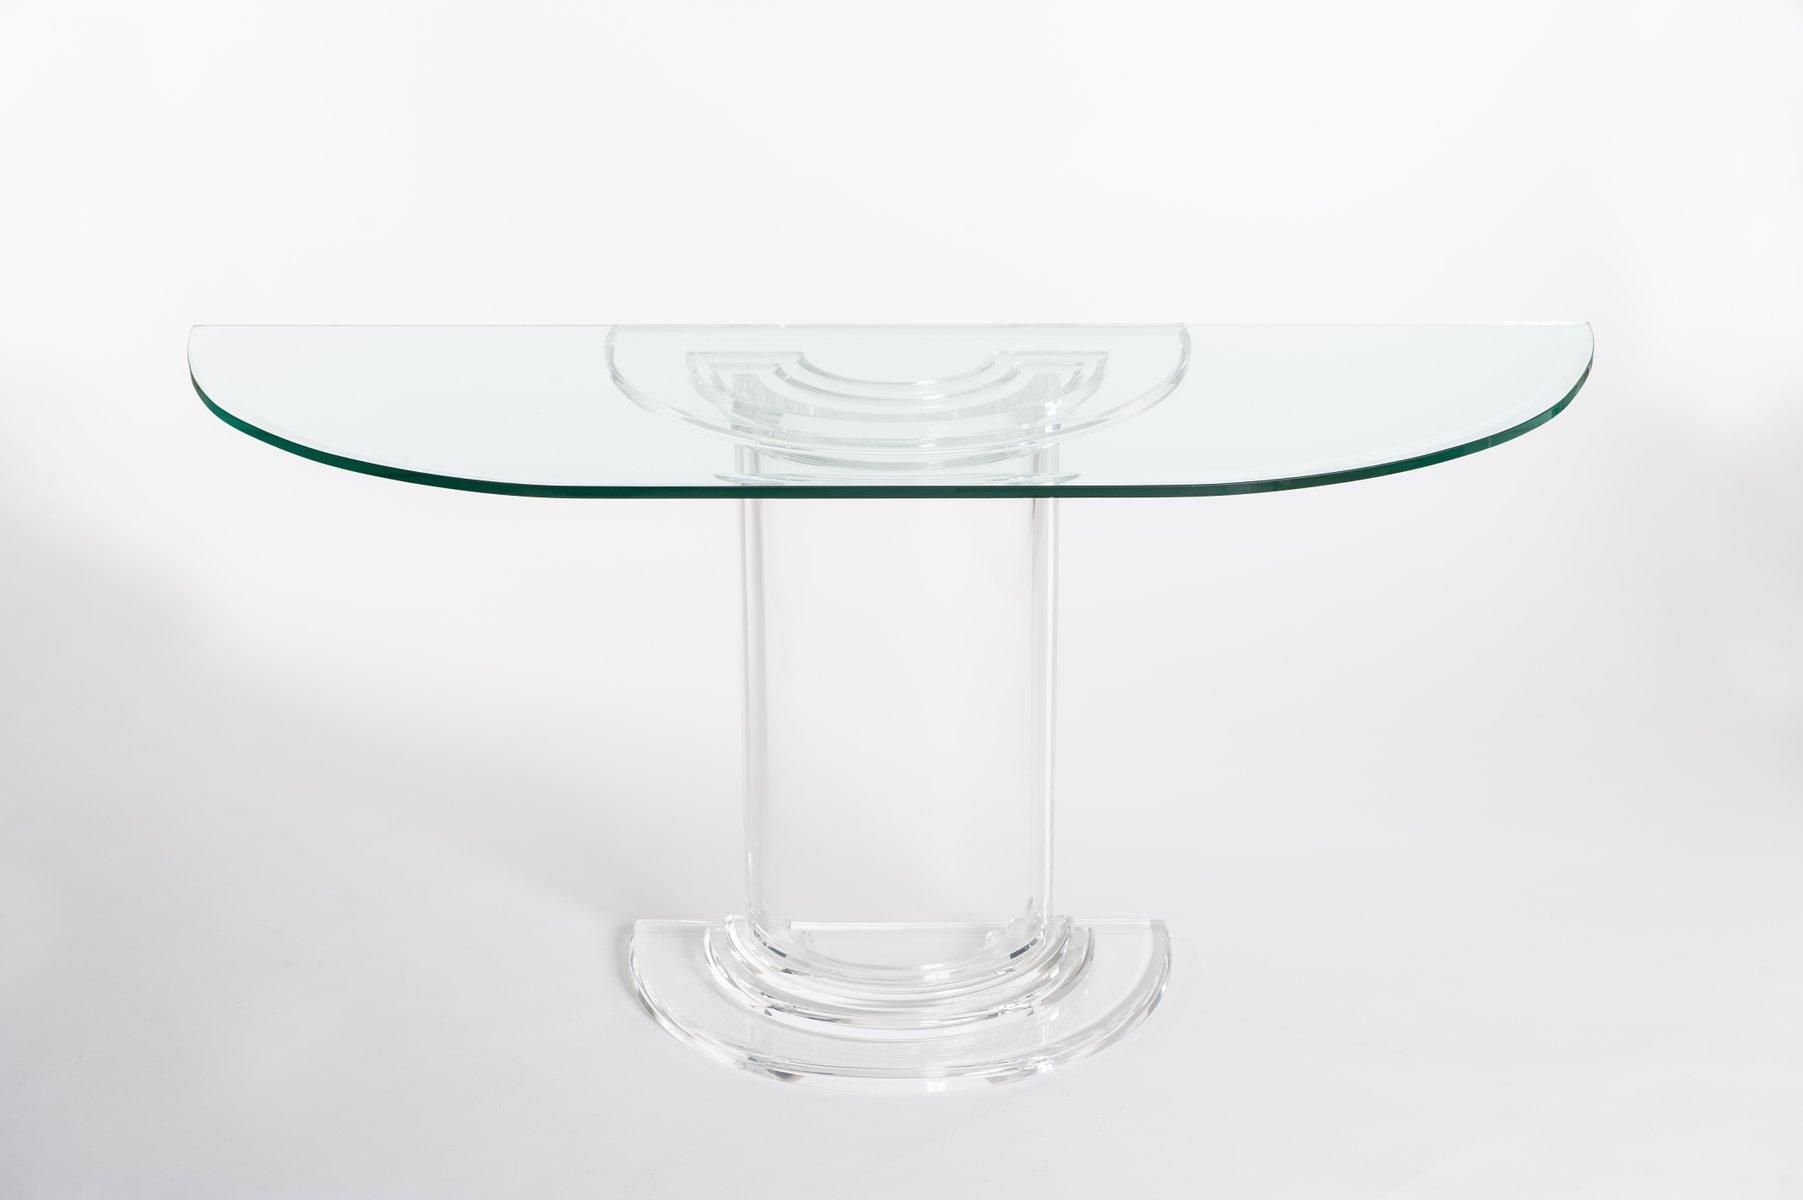 Italienischer plexiglas glas konsolentisch 1970er bei pamono kaufen - Glas konsolentisch ...